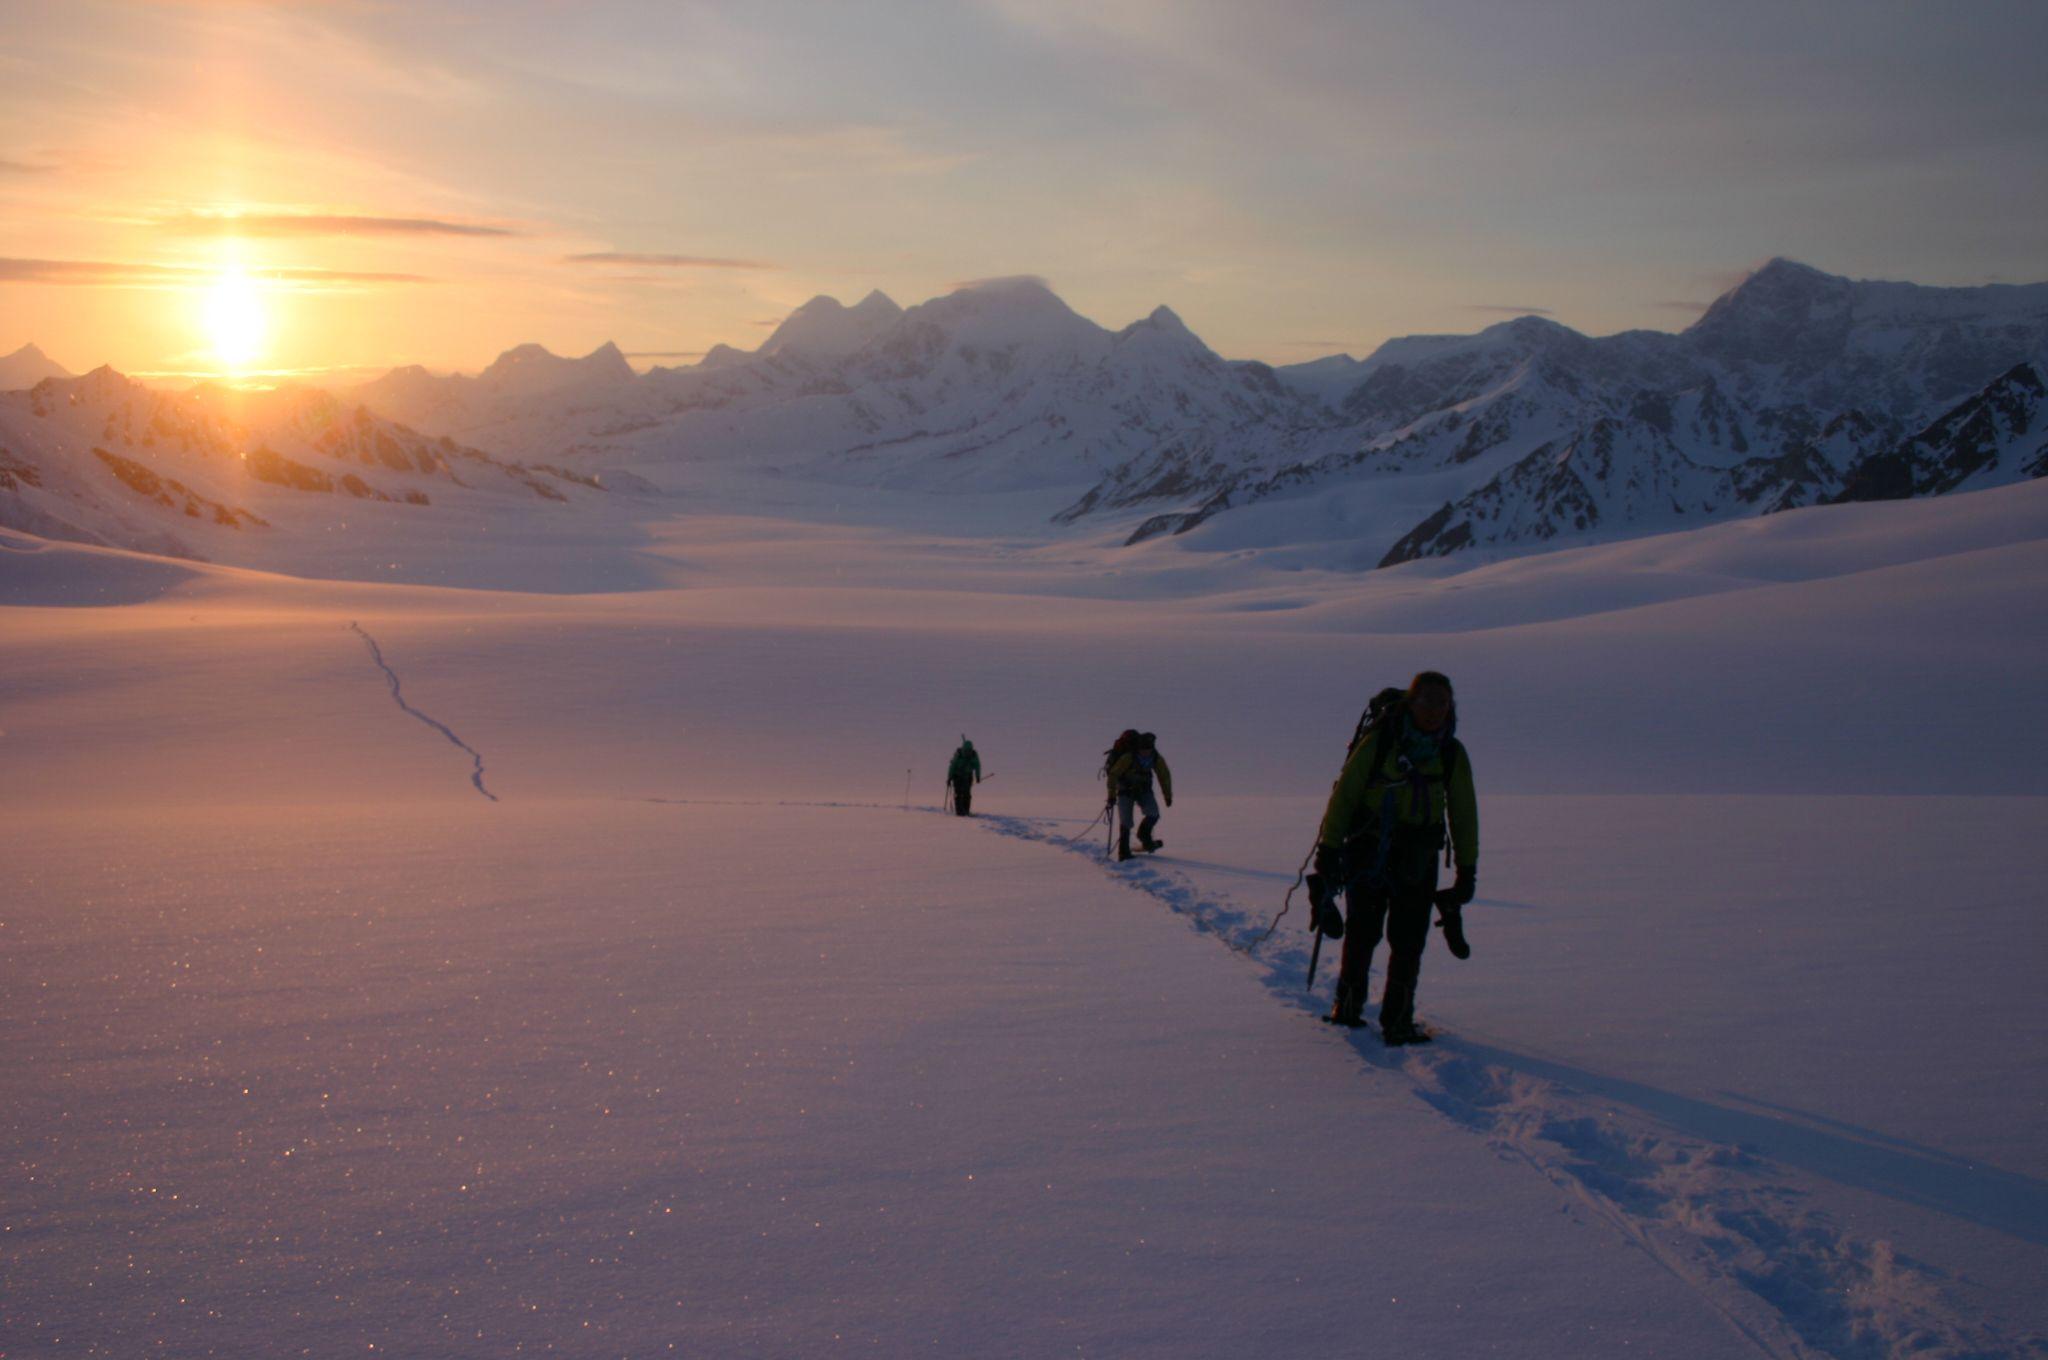 Summer Program - Hiking | NOLS Summer Semester in Alaska